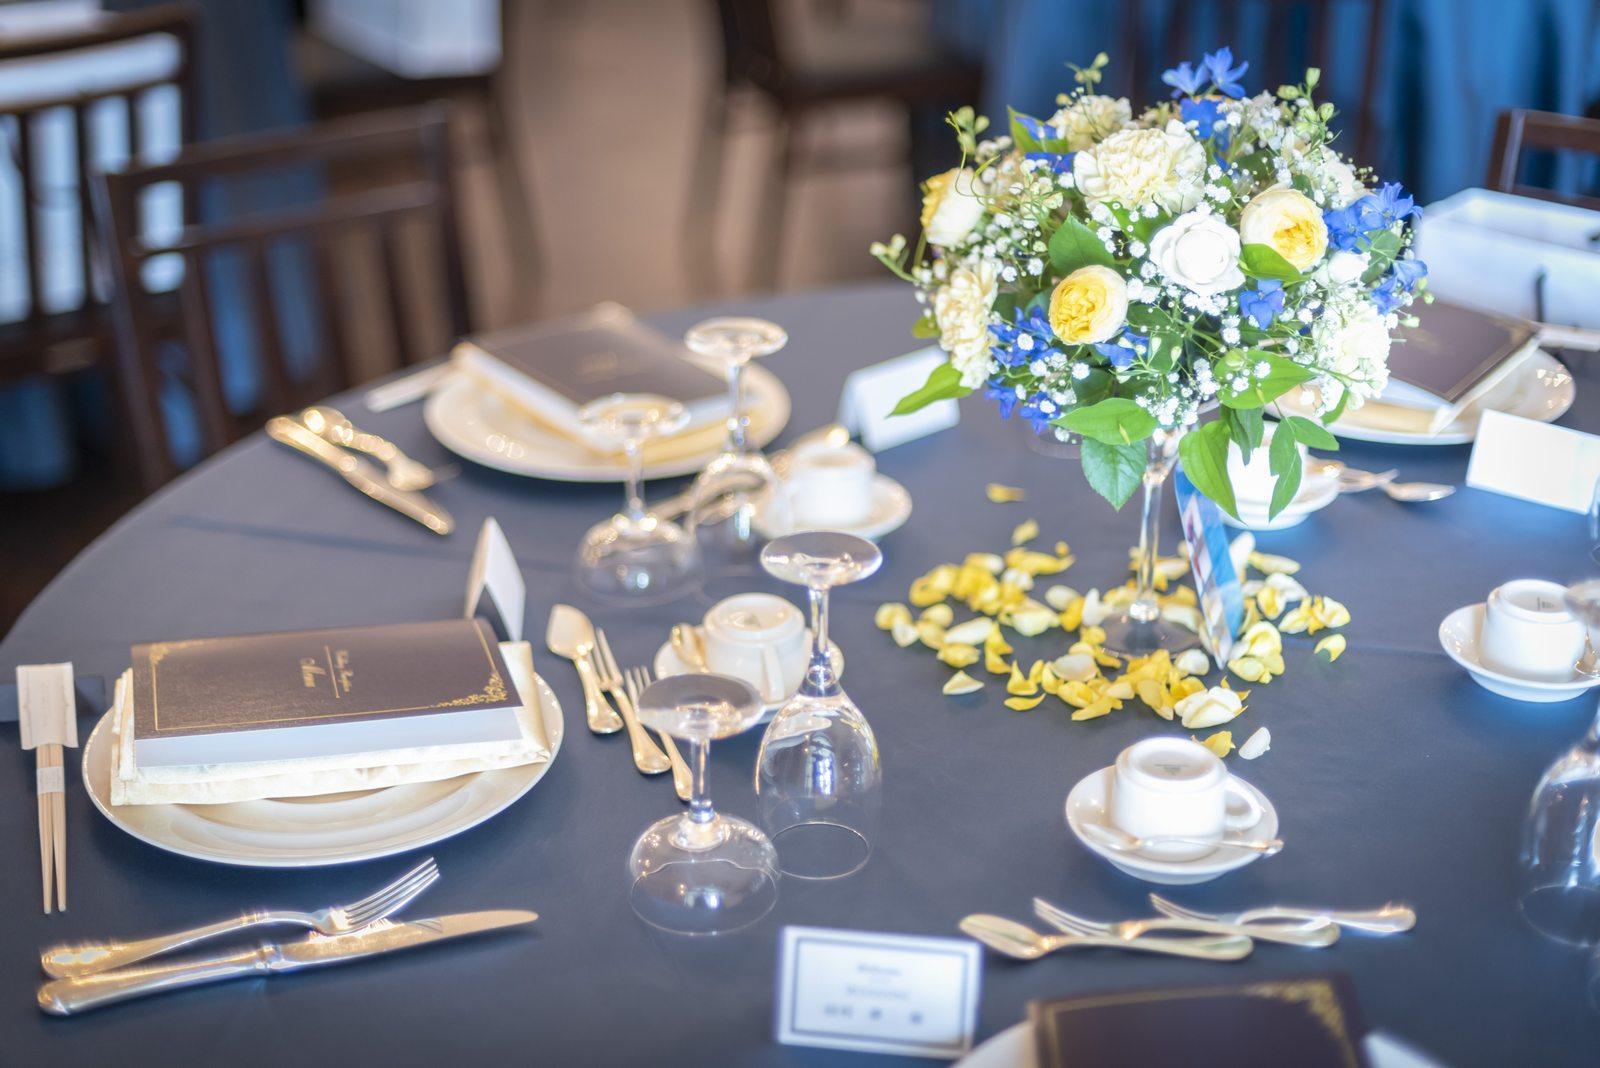 香川県の結婚式場シェルエメール&アイスタイルのテーブルコーディネート